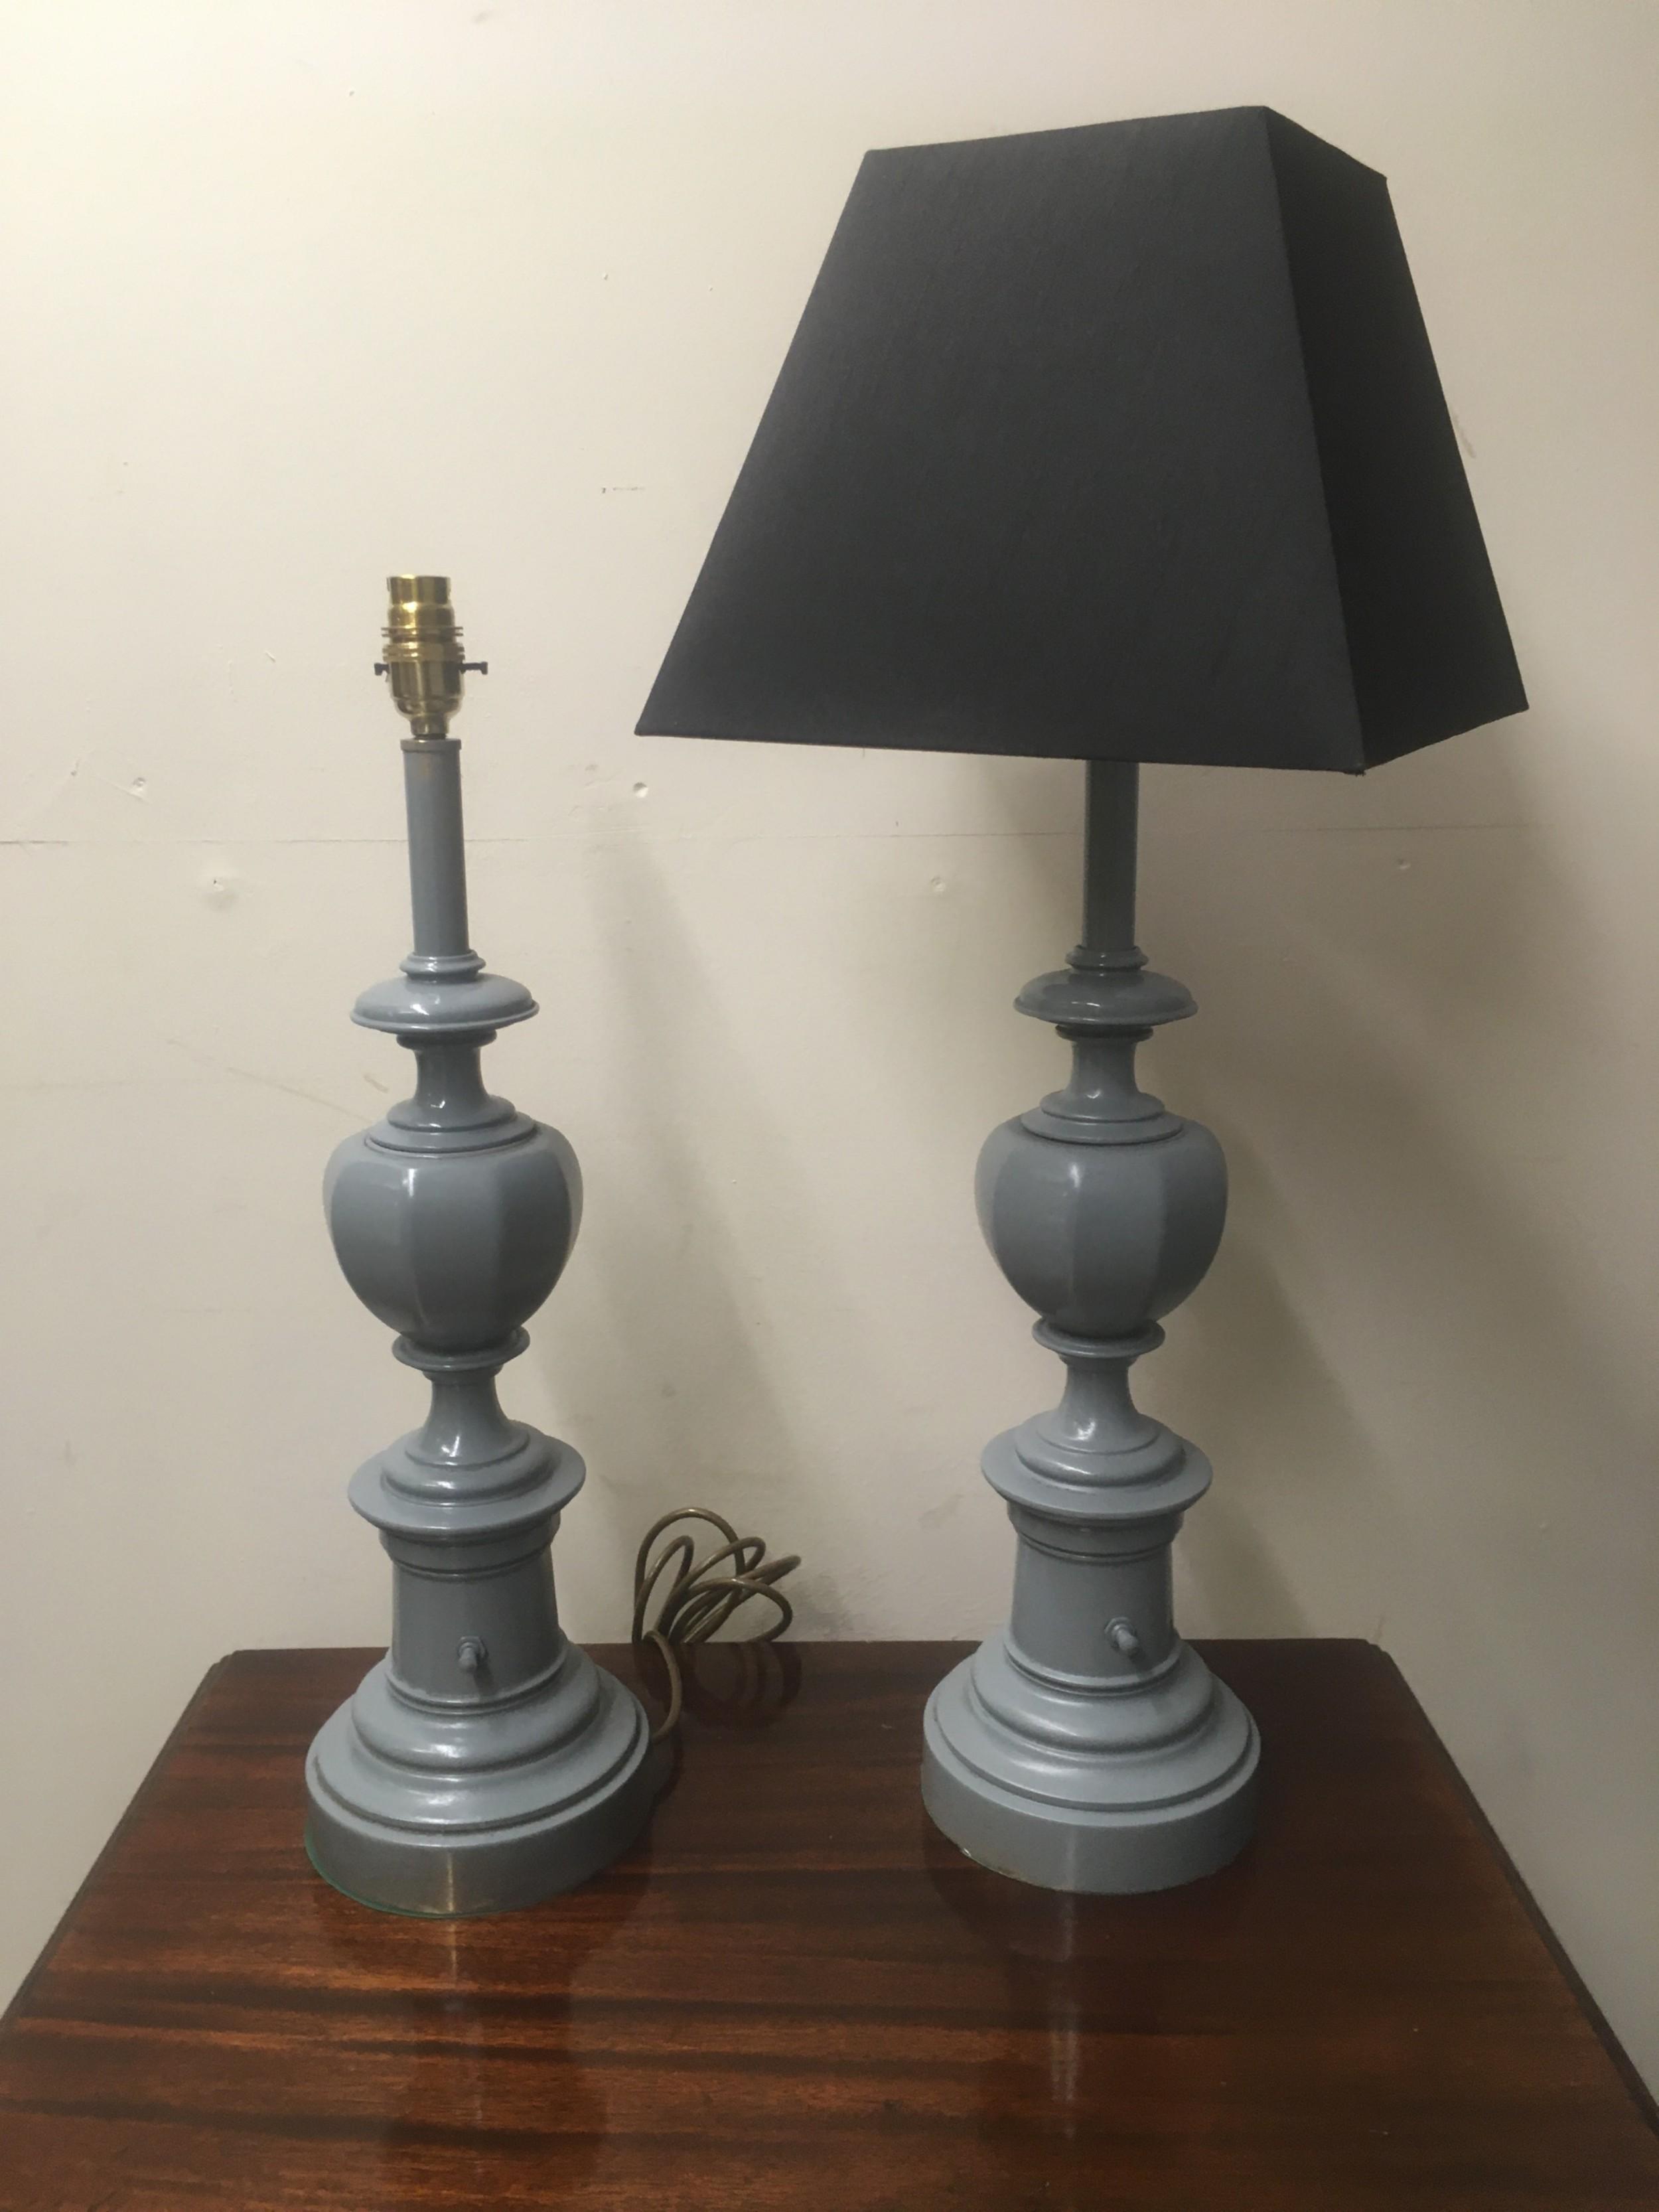 original pair of metal lamps refinished